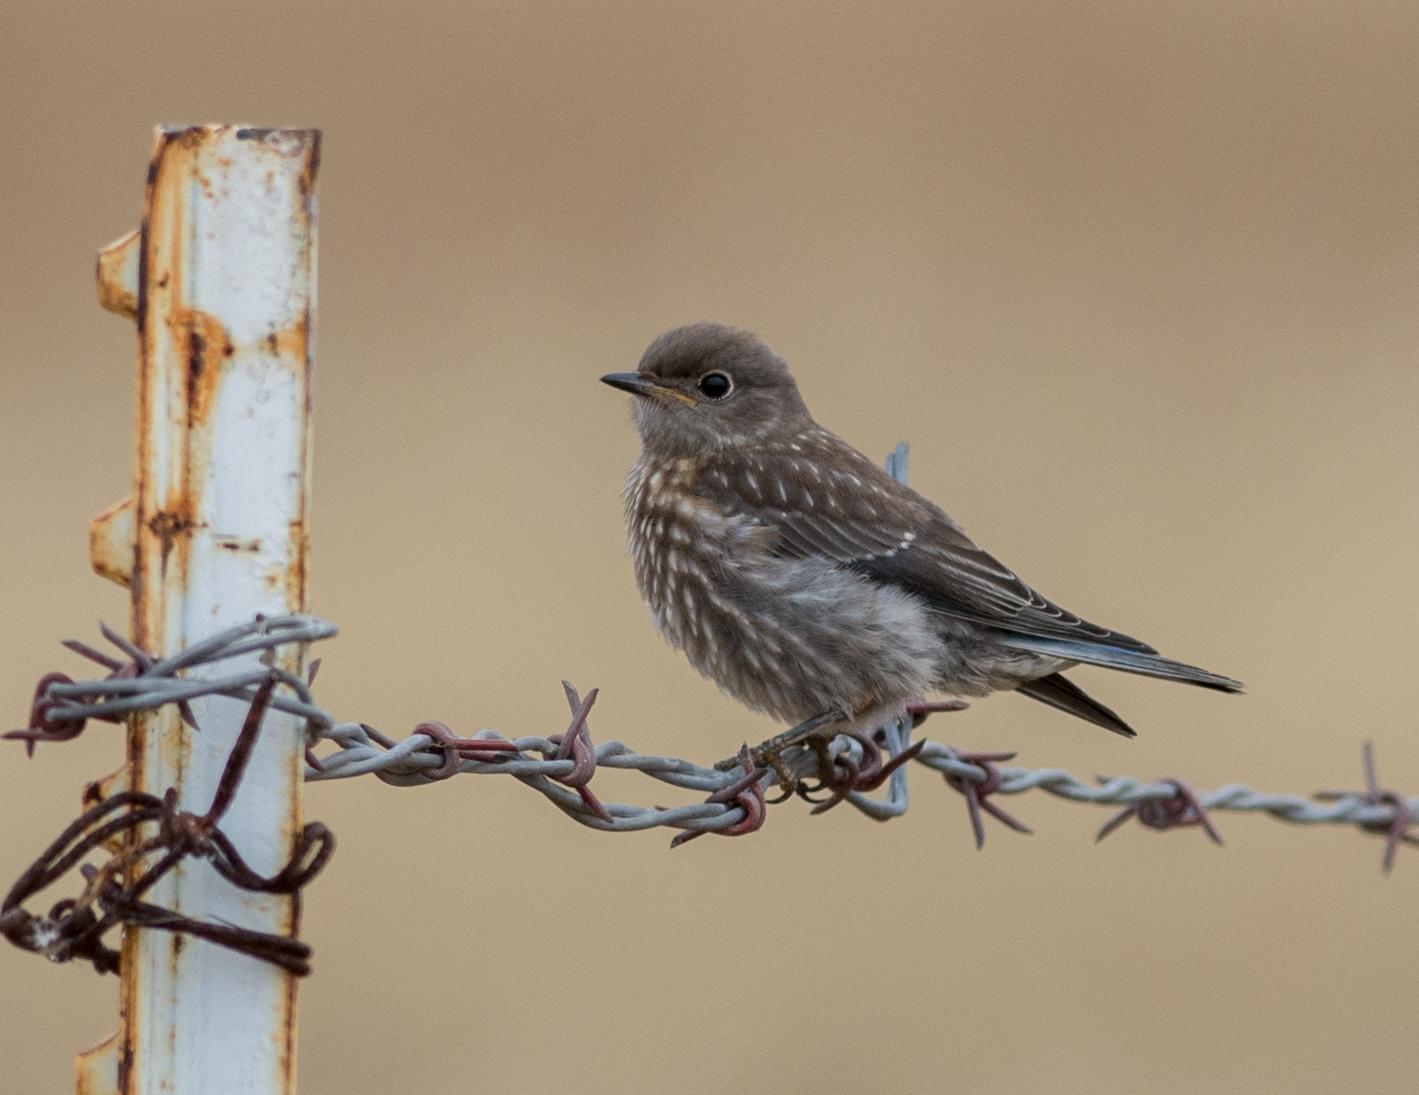 Western Bluebird (Sialia mexicana)  EQ: D7200 300mm f/2.8  Taken: 7-3-15 9:35 Foggy  Setting: 450mm (@35mm), 1/1600s, f/4.5, ISO500